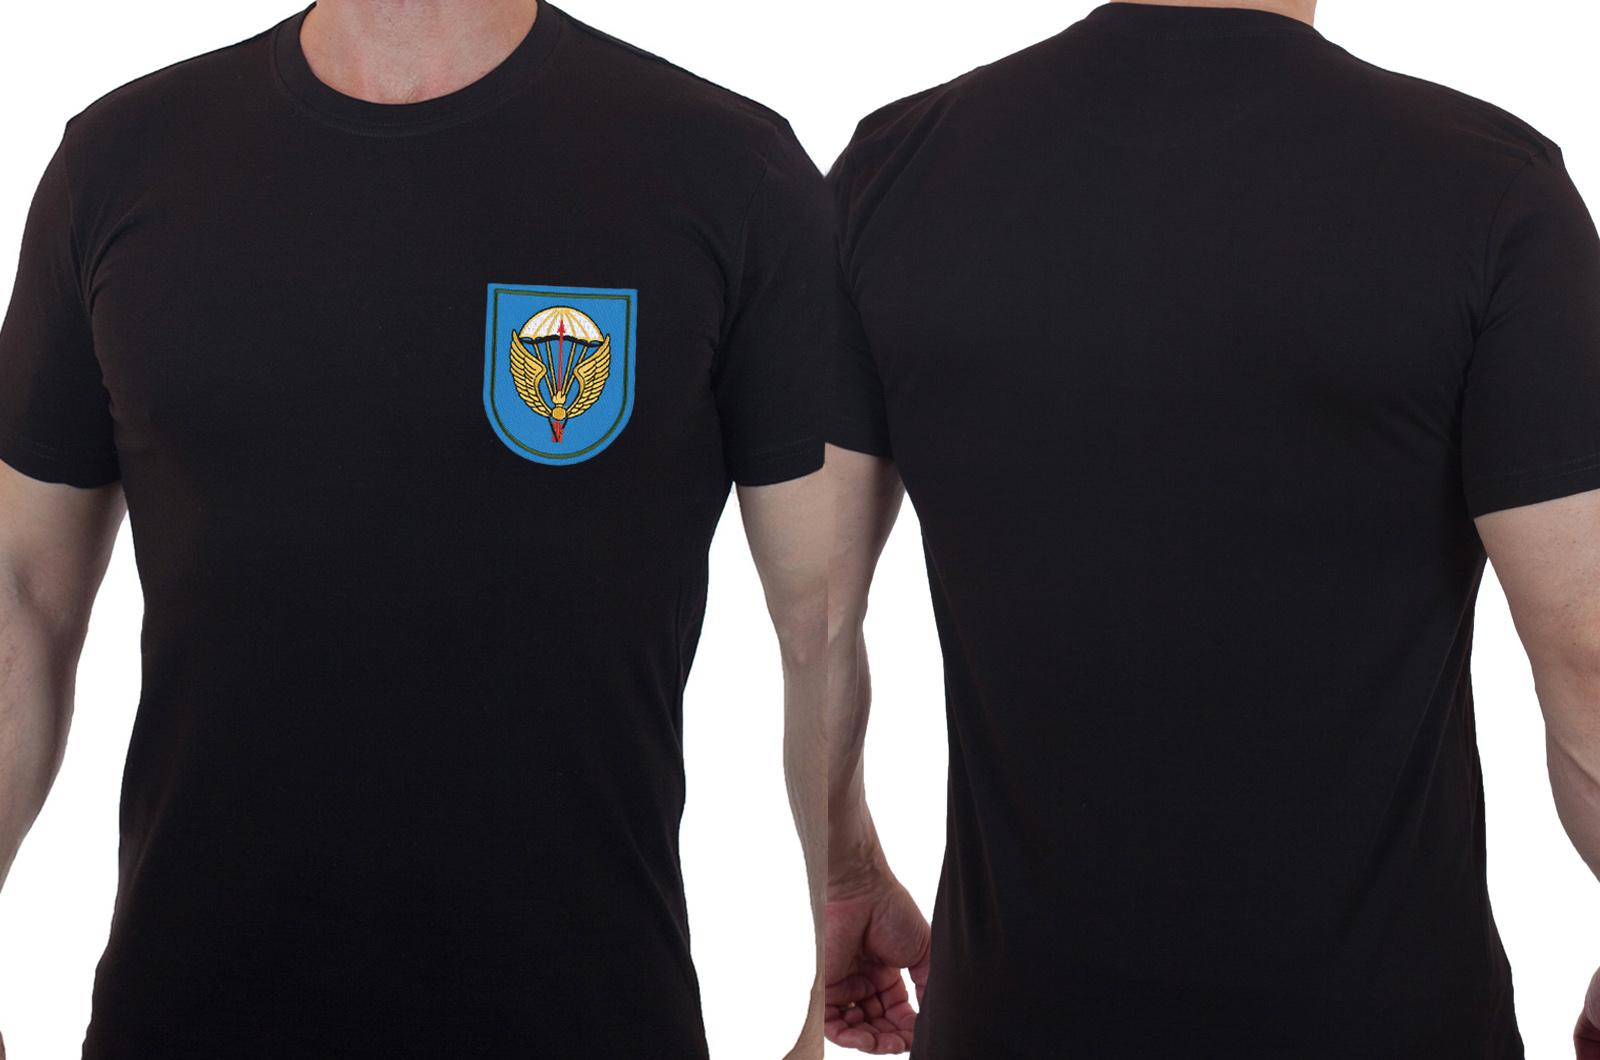 Футболка мужская с вышитым знаком ВДВ 31 ОДШБр - купить с доставкой